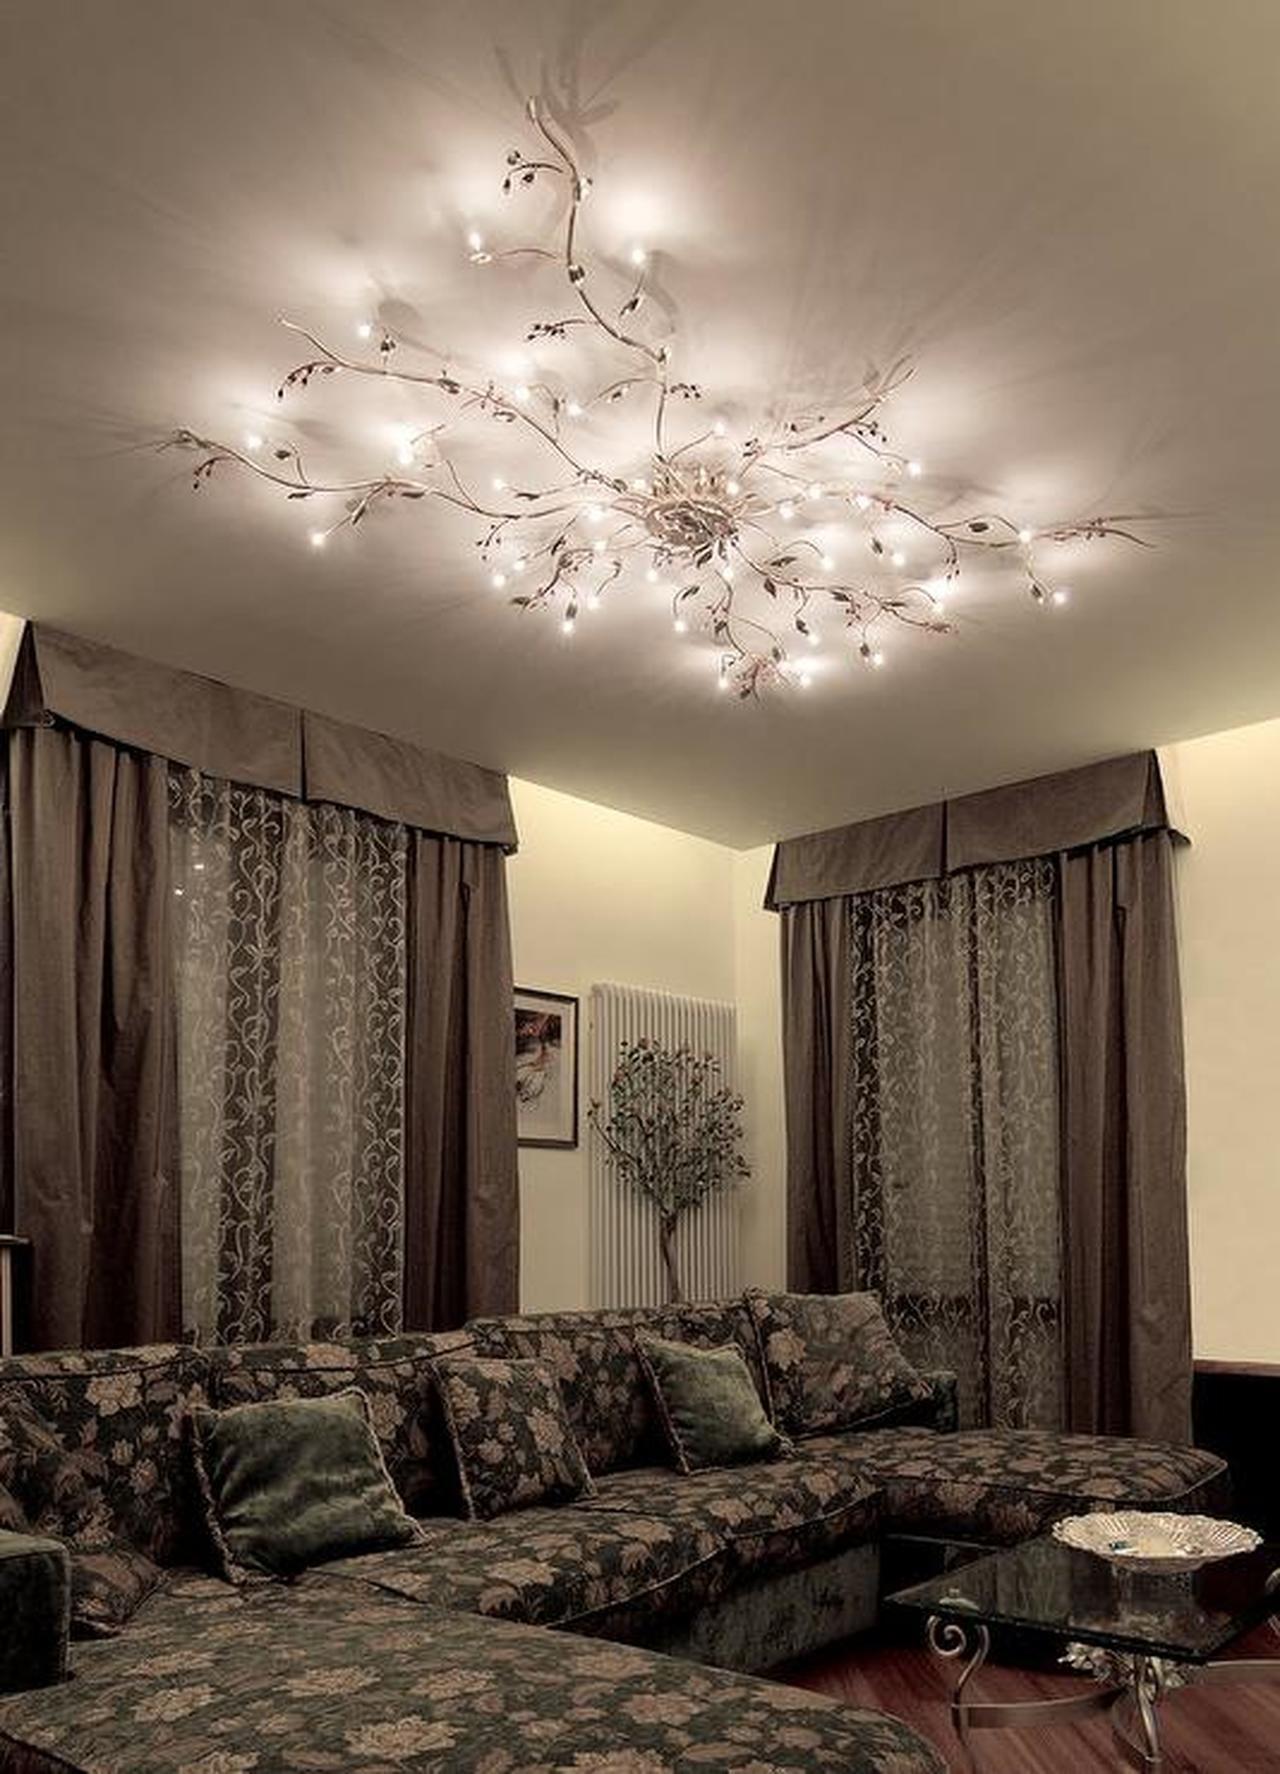 Gradara Living room lighting, Living room lighting ideas